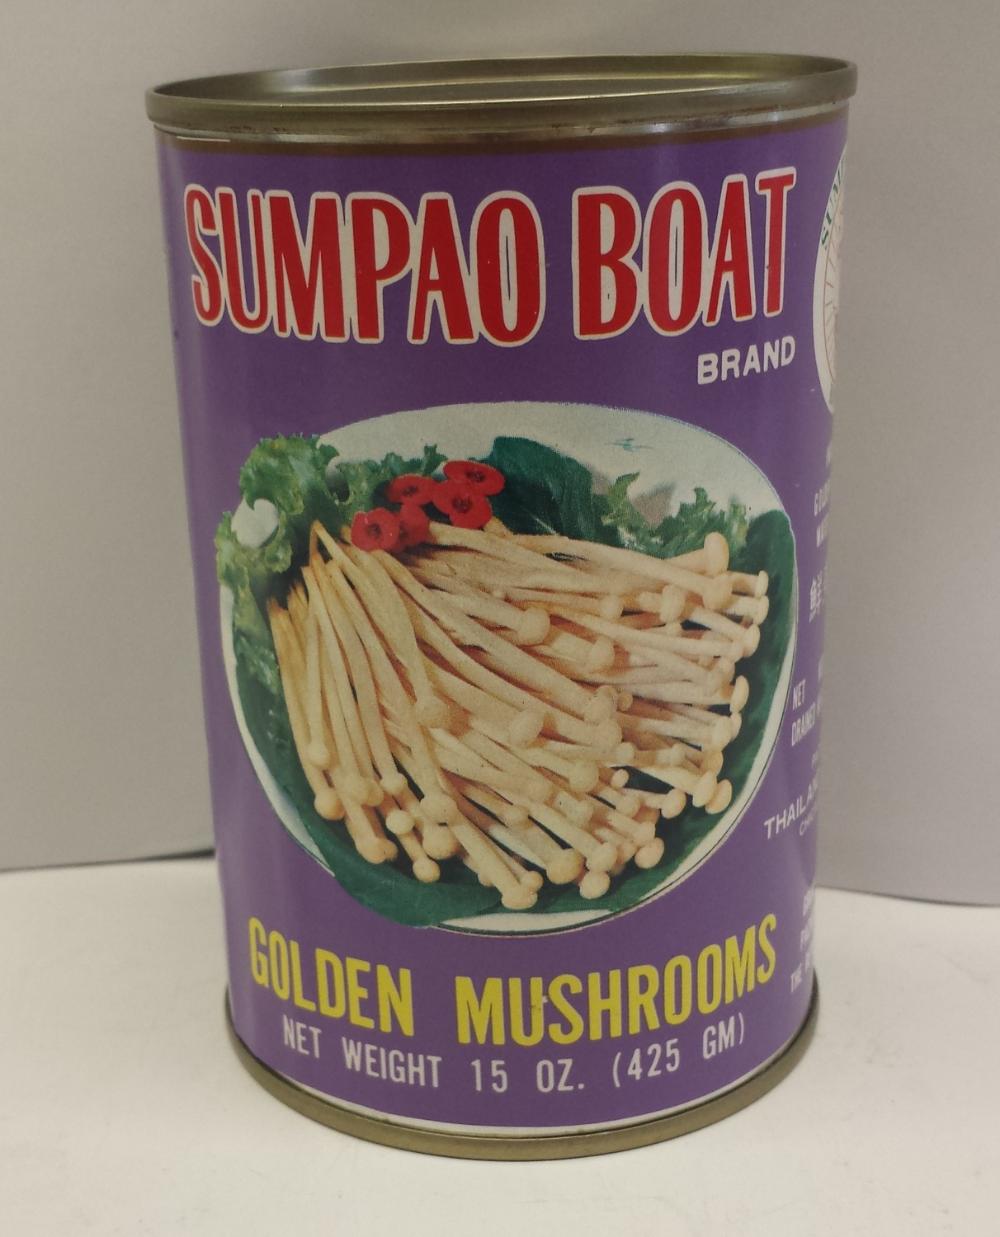 Golden Mushroom    Sumpao Boat   MU13102 24x15 oz